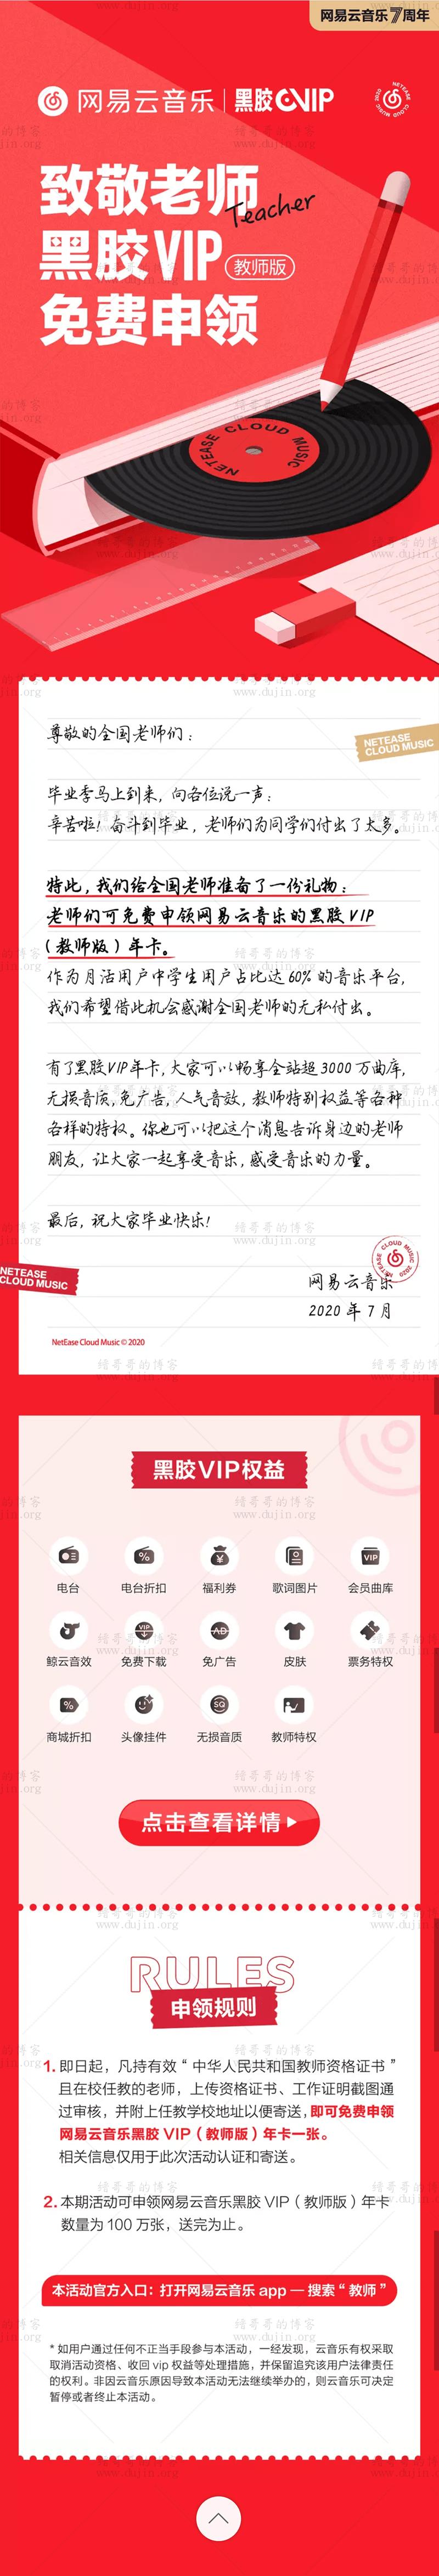 教师福利:免费领网易云音乐黑胶 VIP 年卡